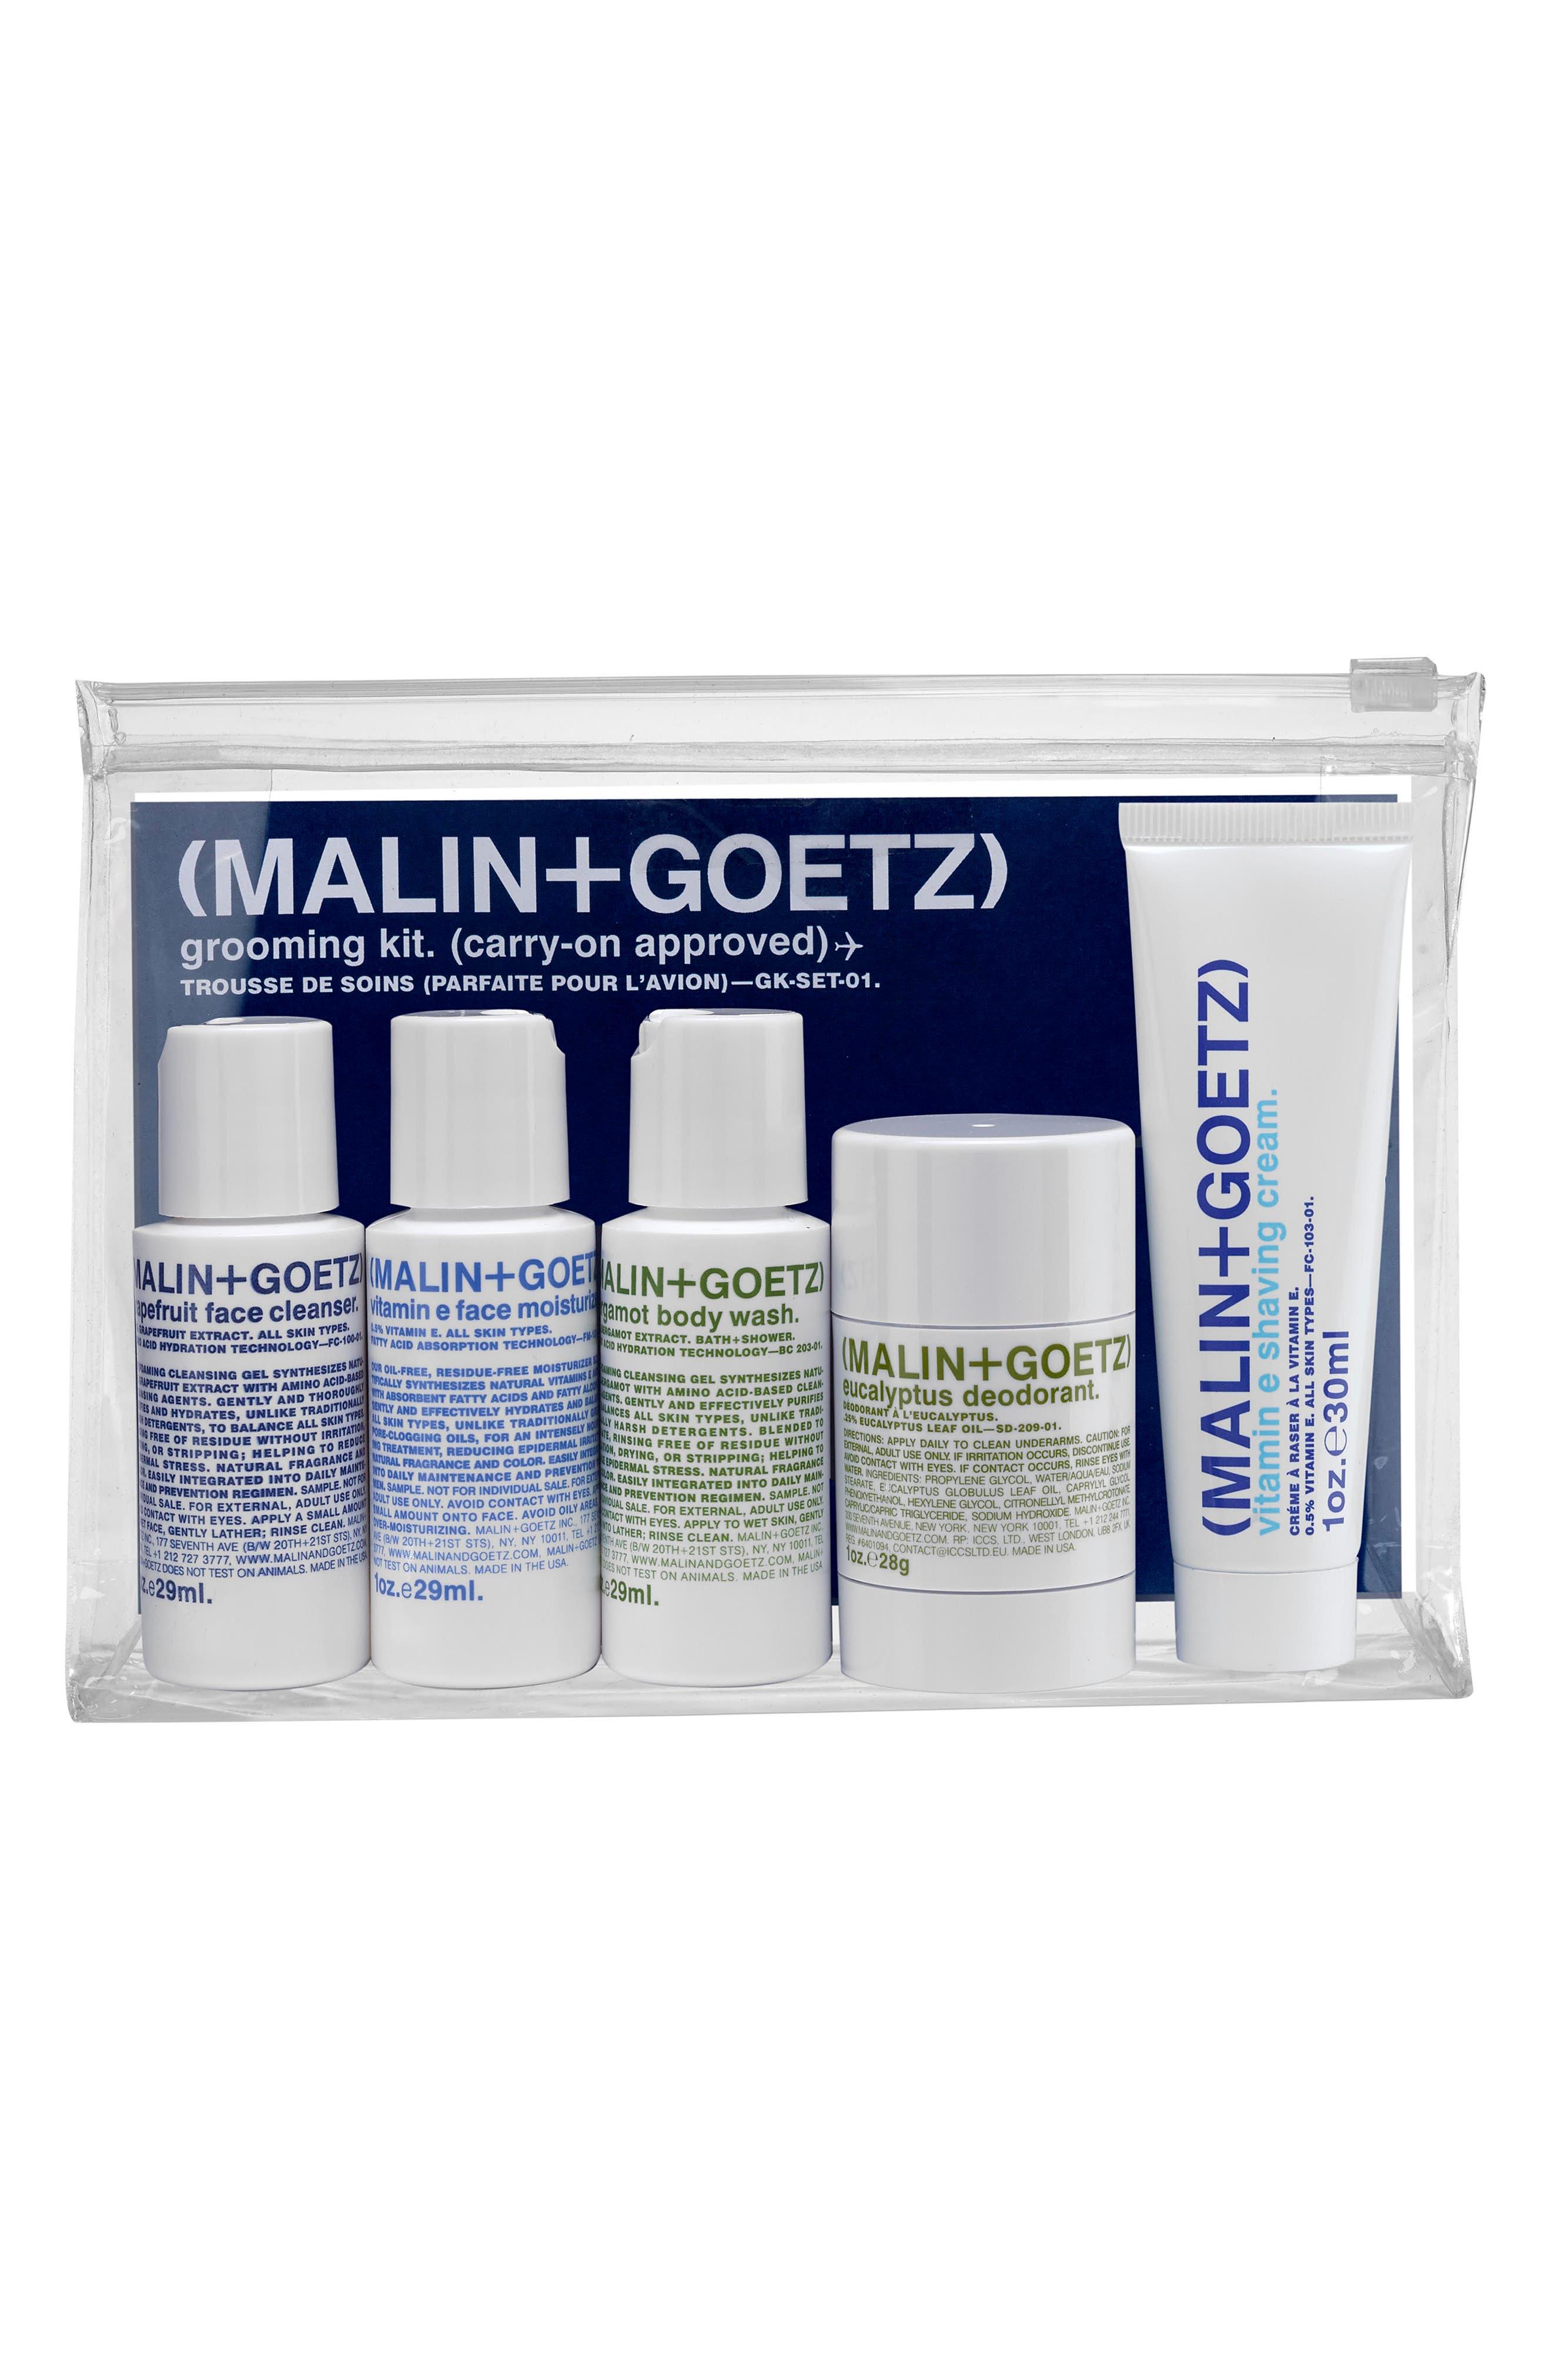 MALIN+GOETZ Grooming Kit ($46 Value)